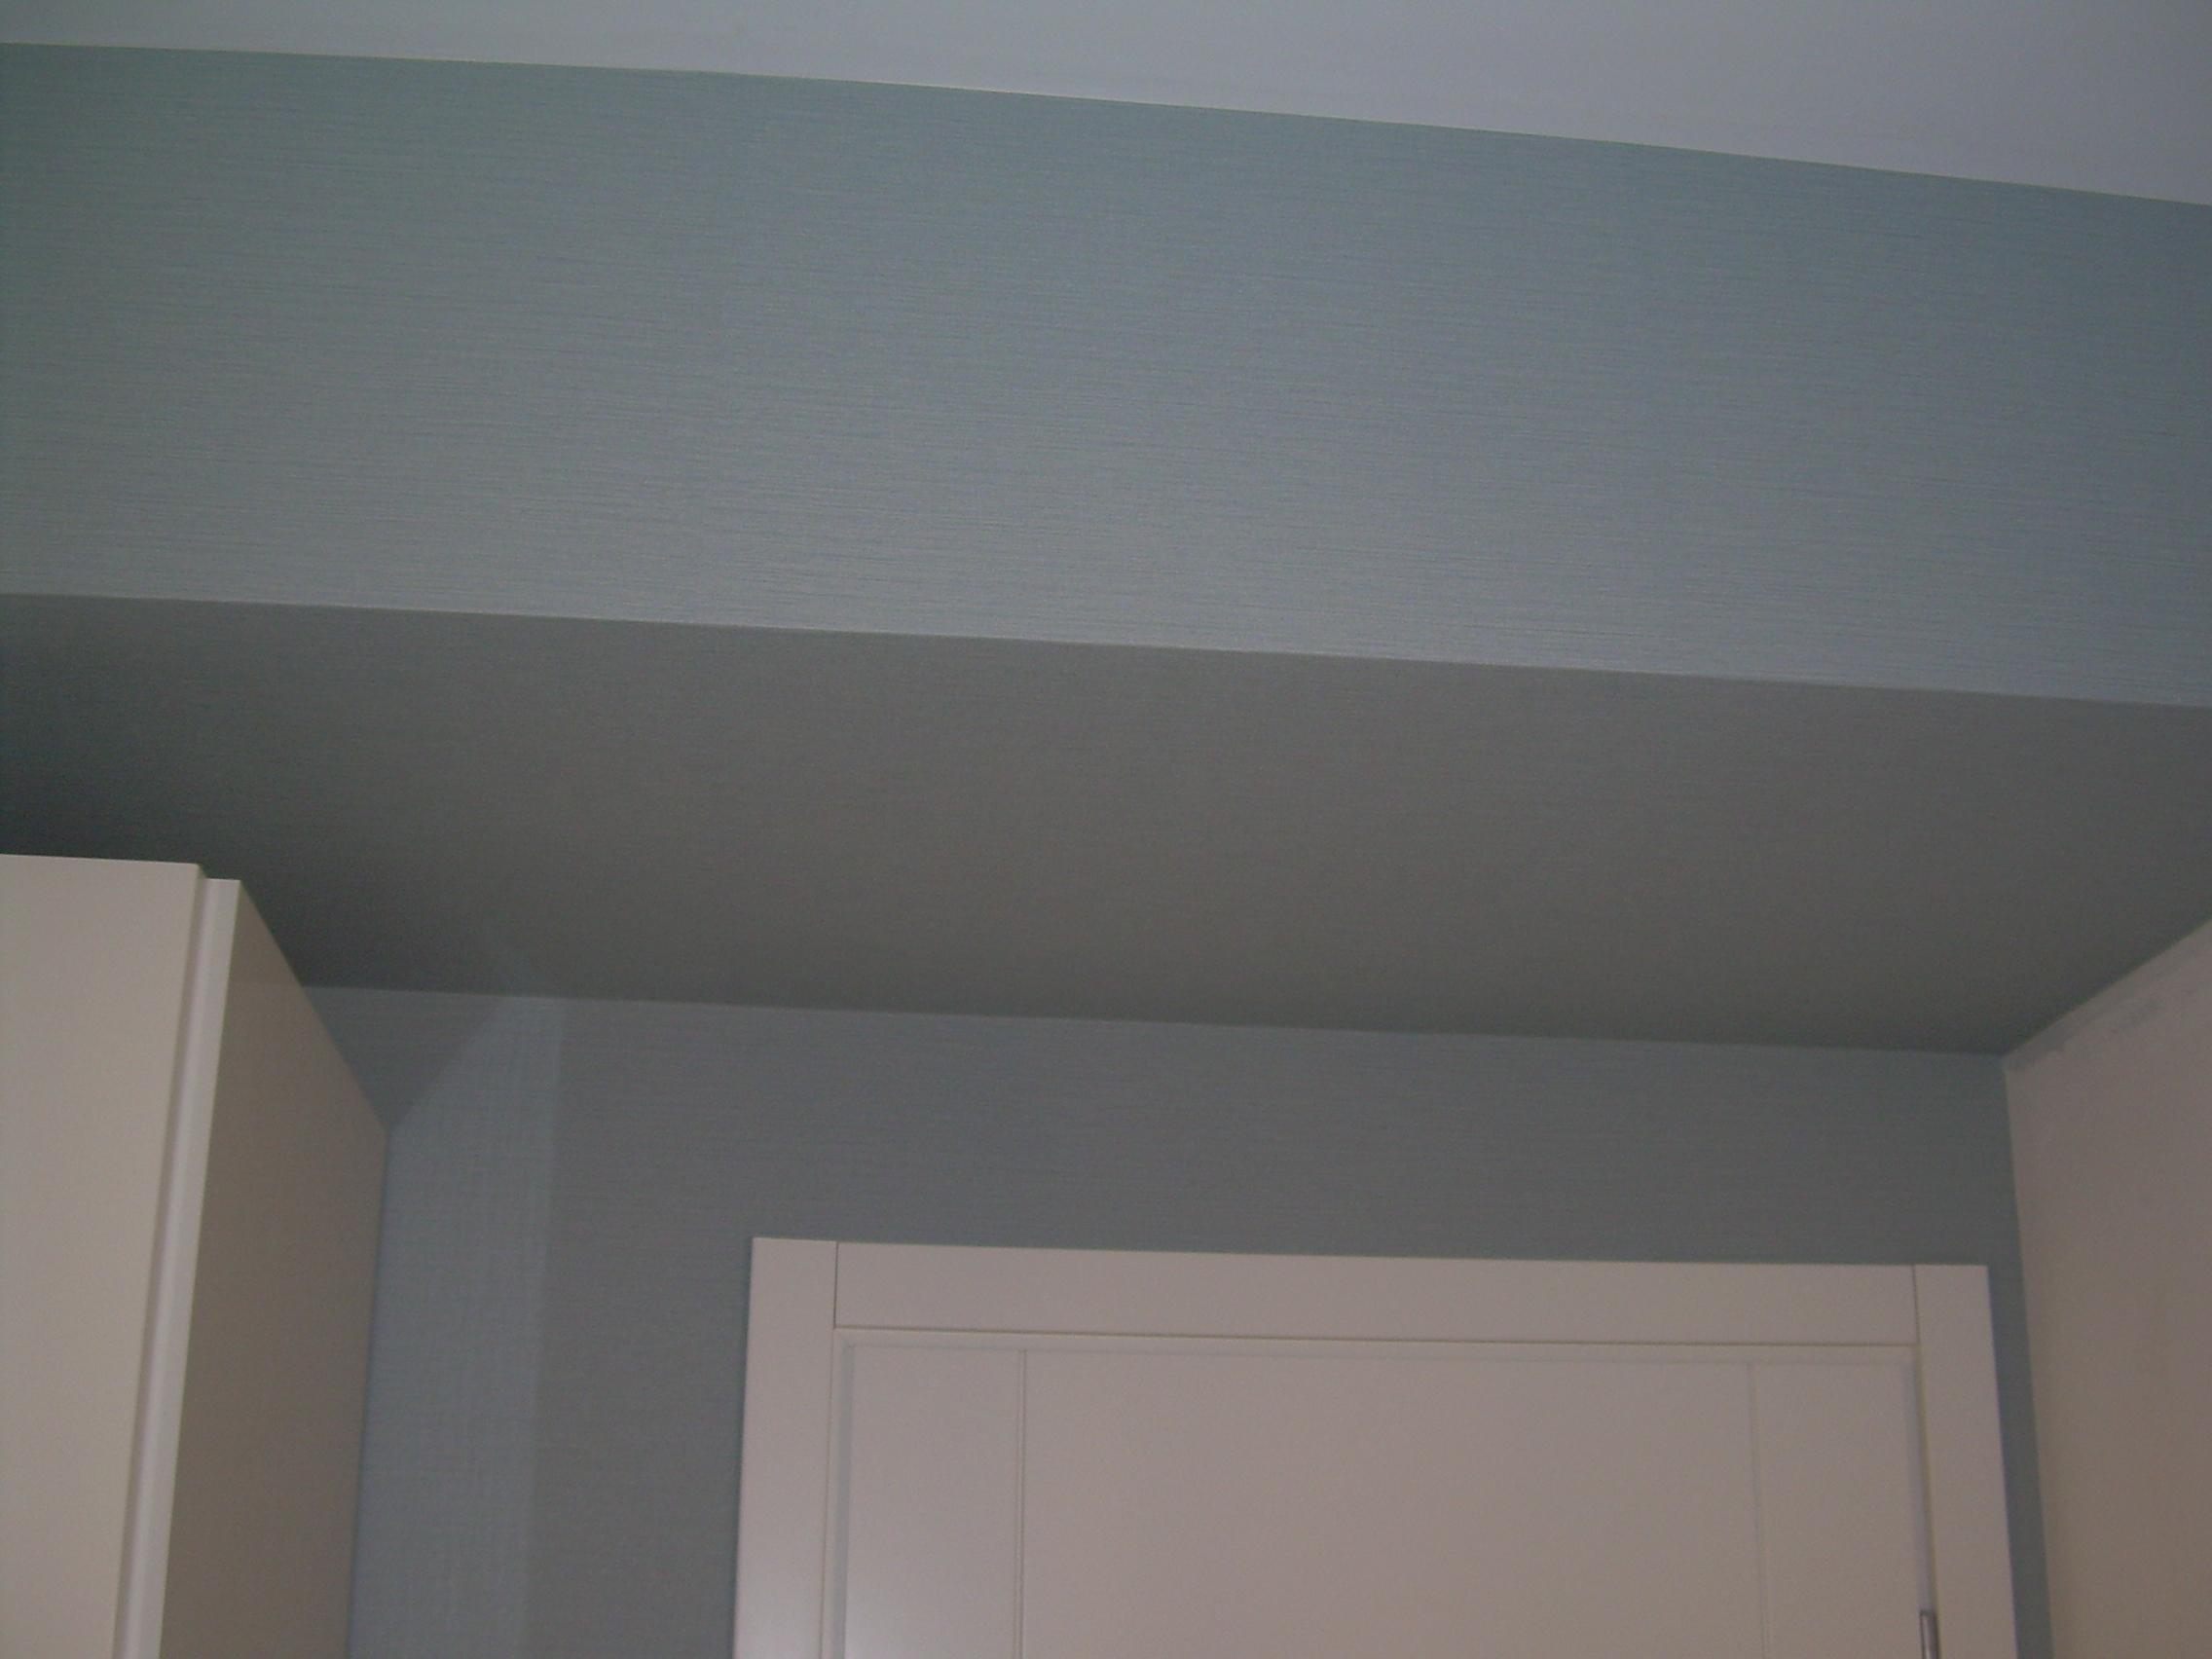 Lucrari de amenajare interioare cu tapet  - Poza 21